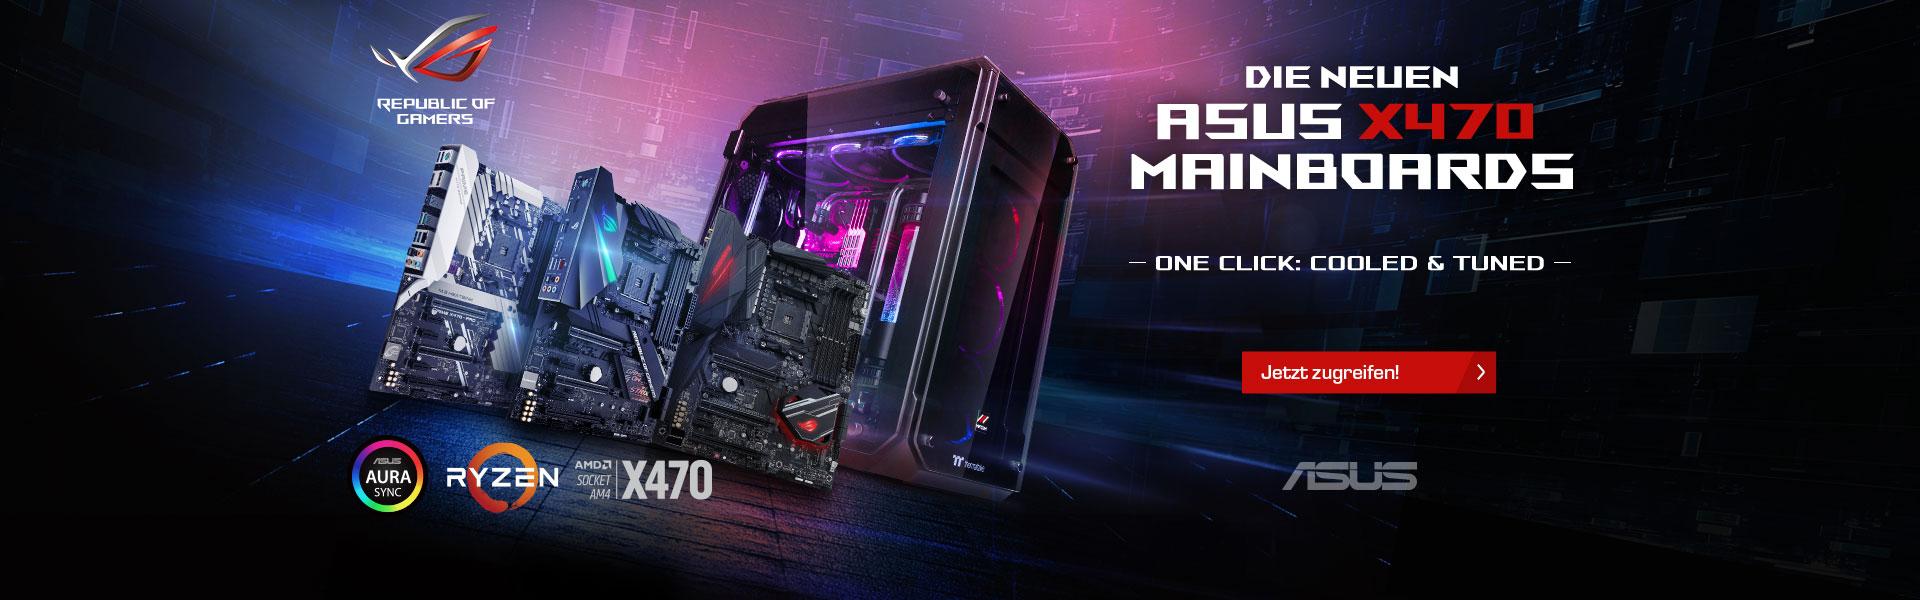 ASUS X470